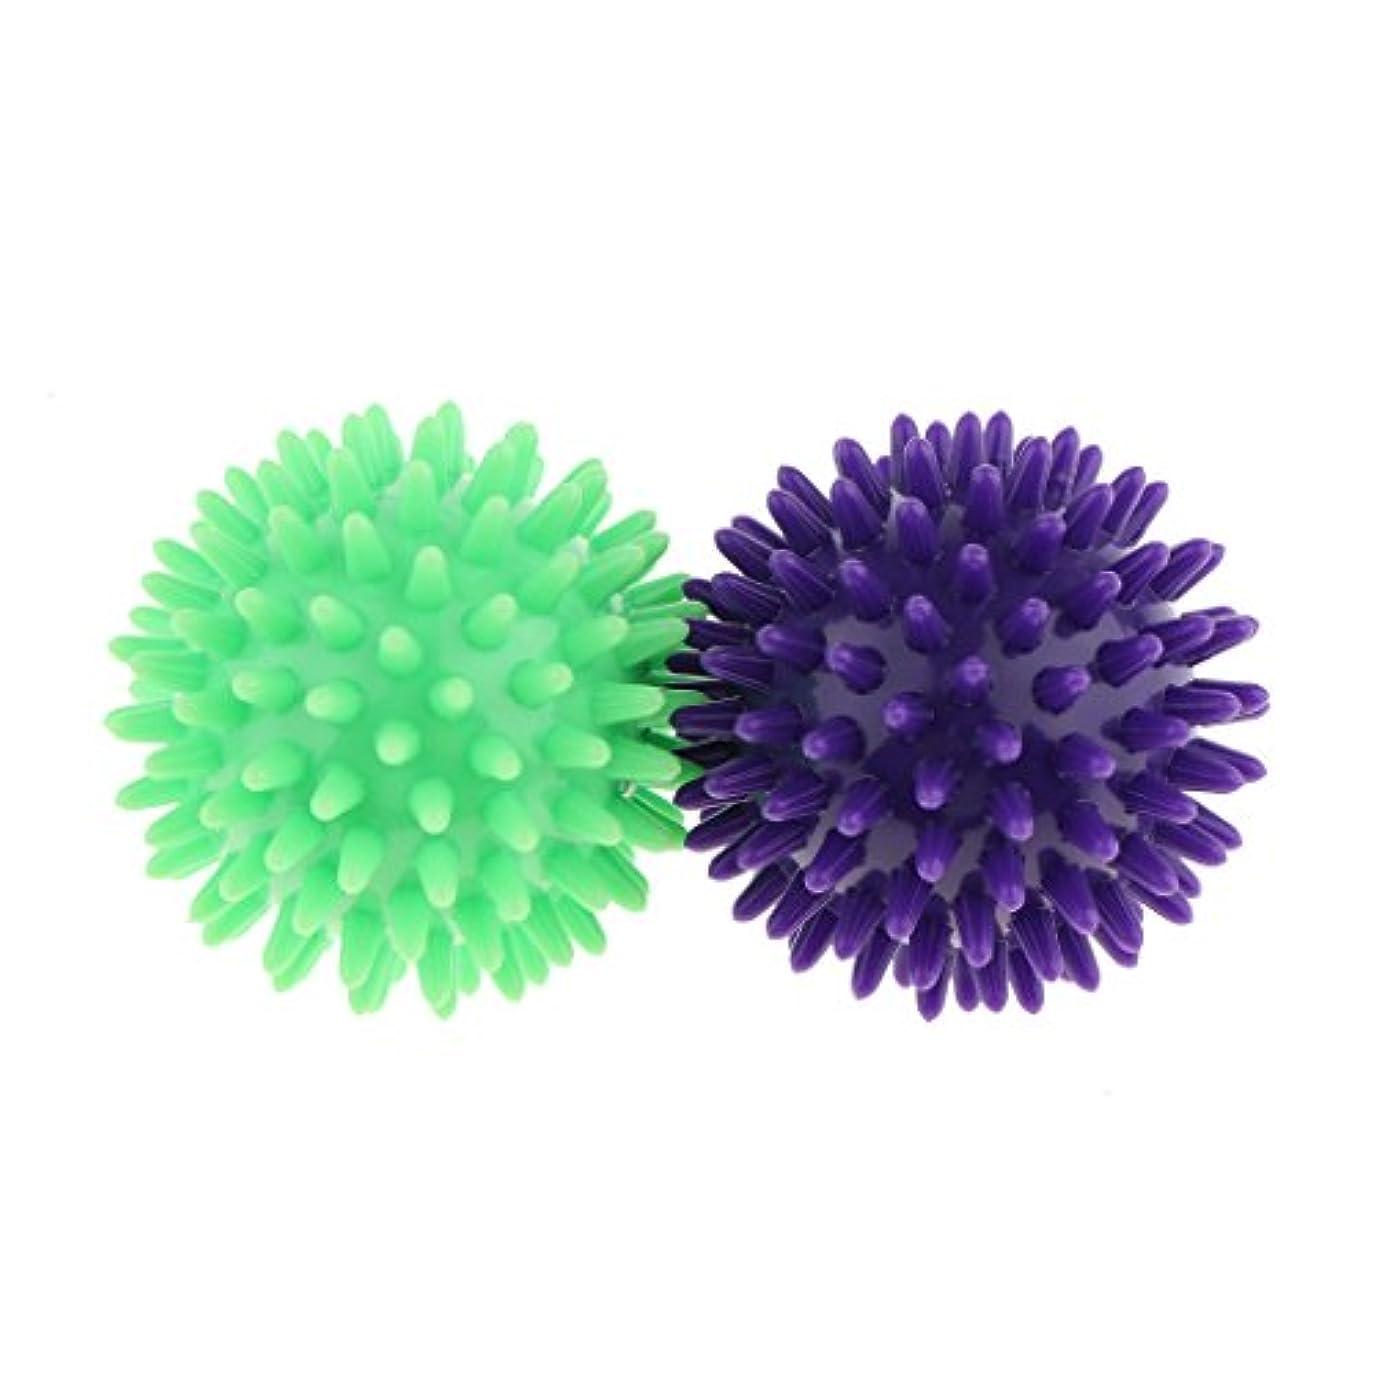 スクラップブック増強する引退したKesoto マッサージボール スパイシー マッサージ ボール ボディトリガー ポイント 2個セット 3タイプ選べ - 紫ライトグリーン